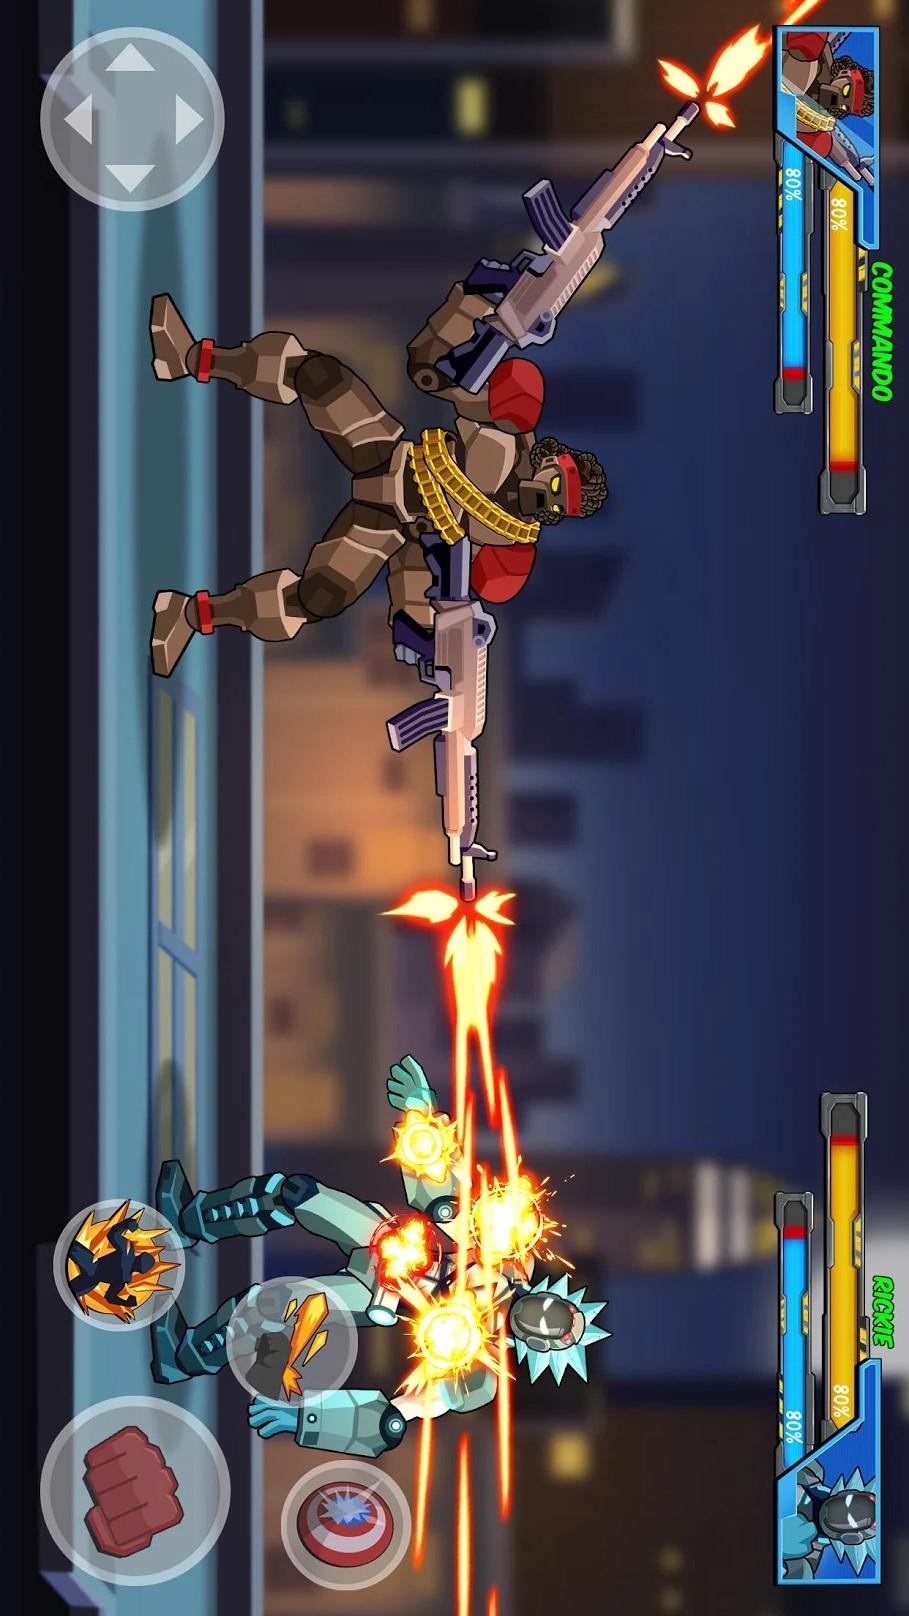 超级机器人英雄格斗游戏截图